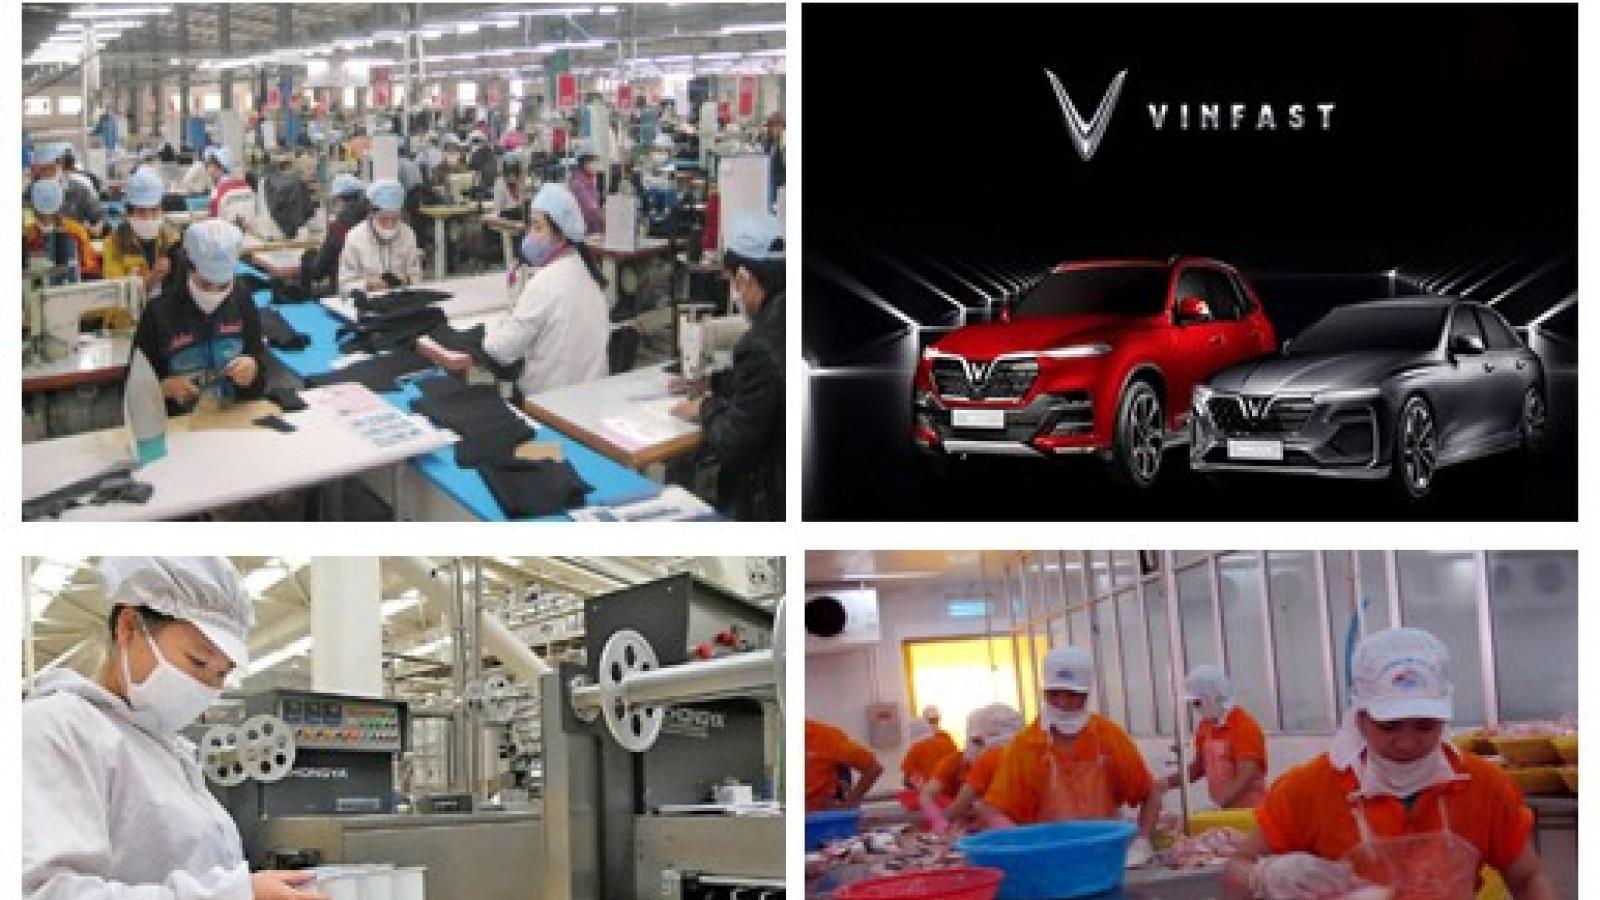 Kinh tế tư nhân nổi lên như một trong những động lực quan trọng của nền kinh tế